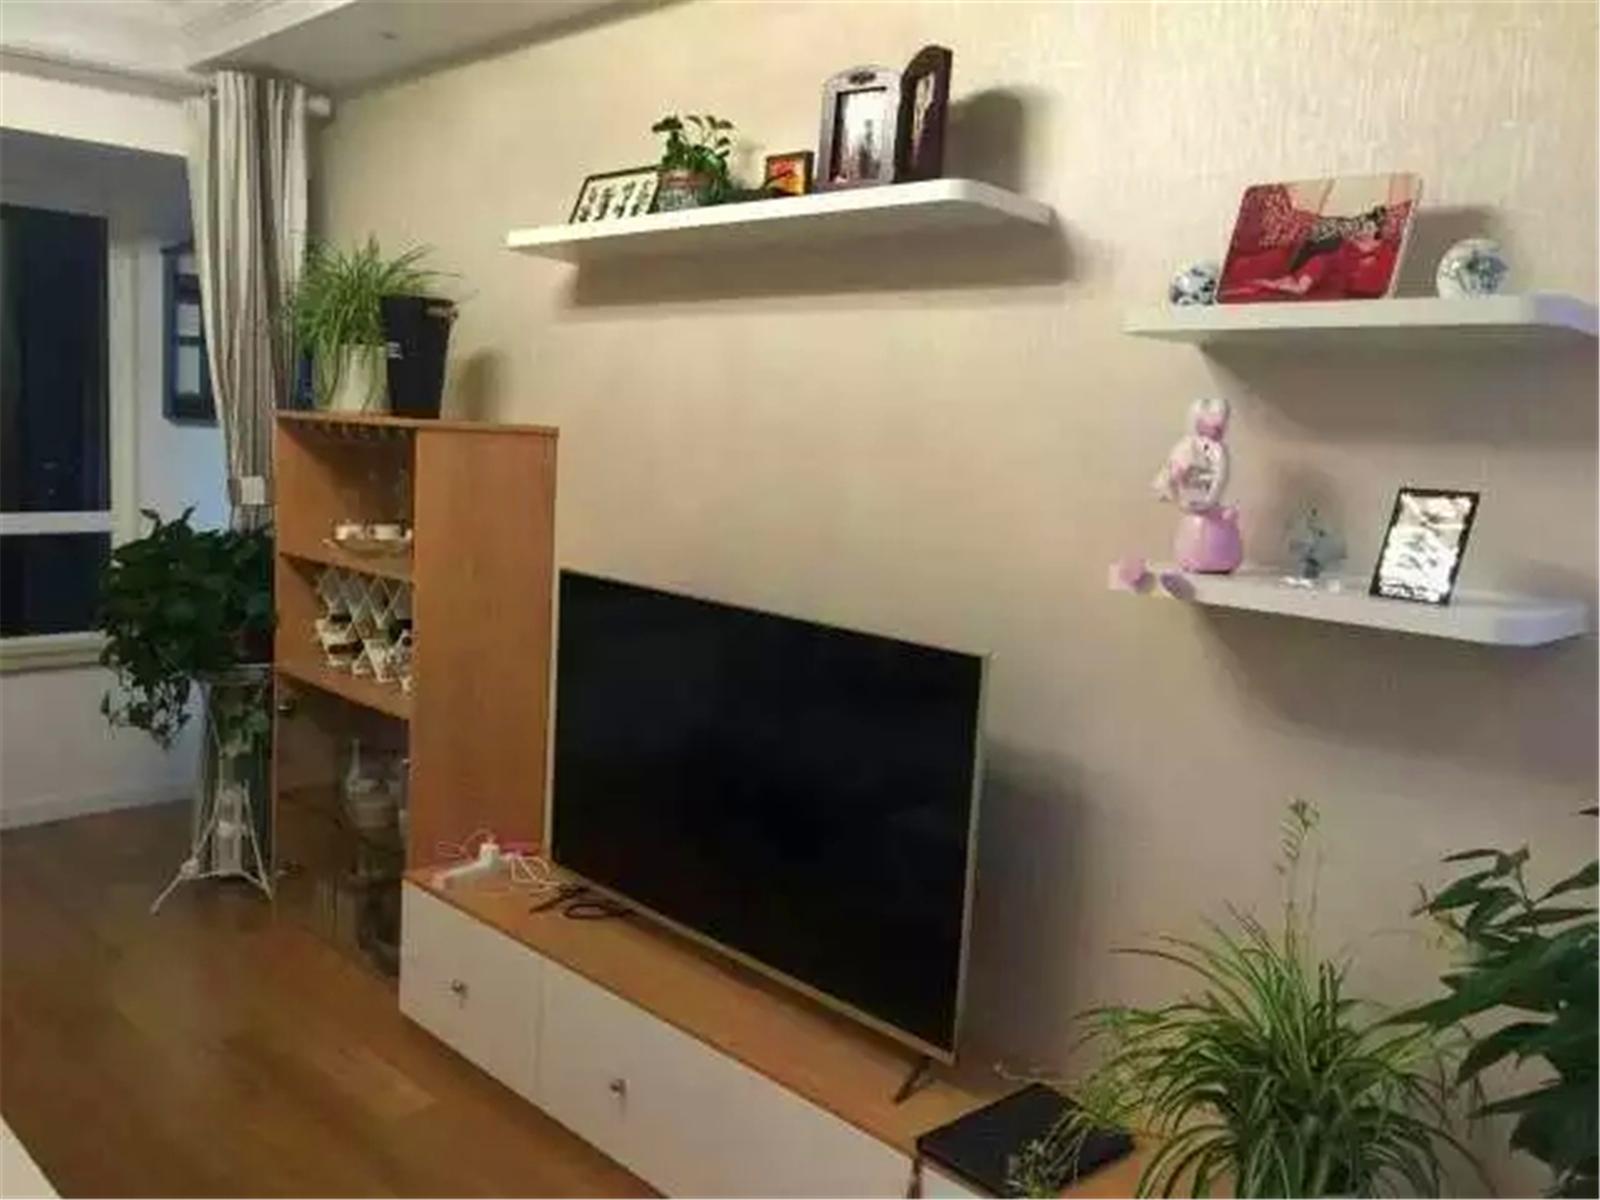 北京市朝阳区旺角小区12栋503